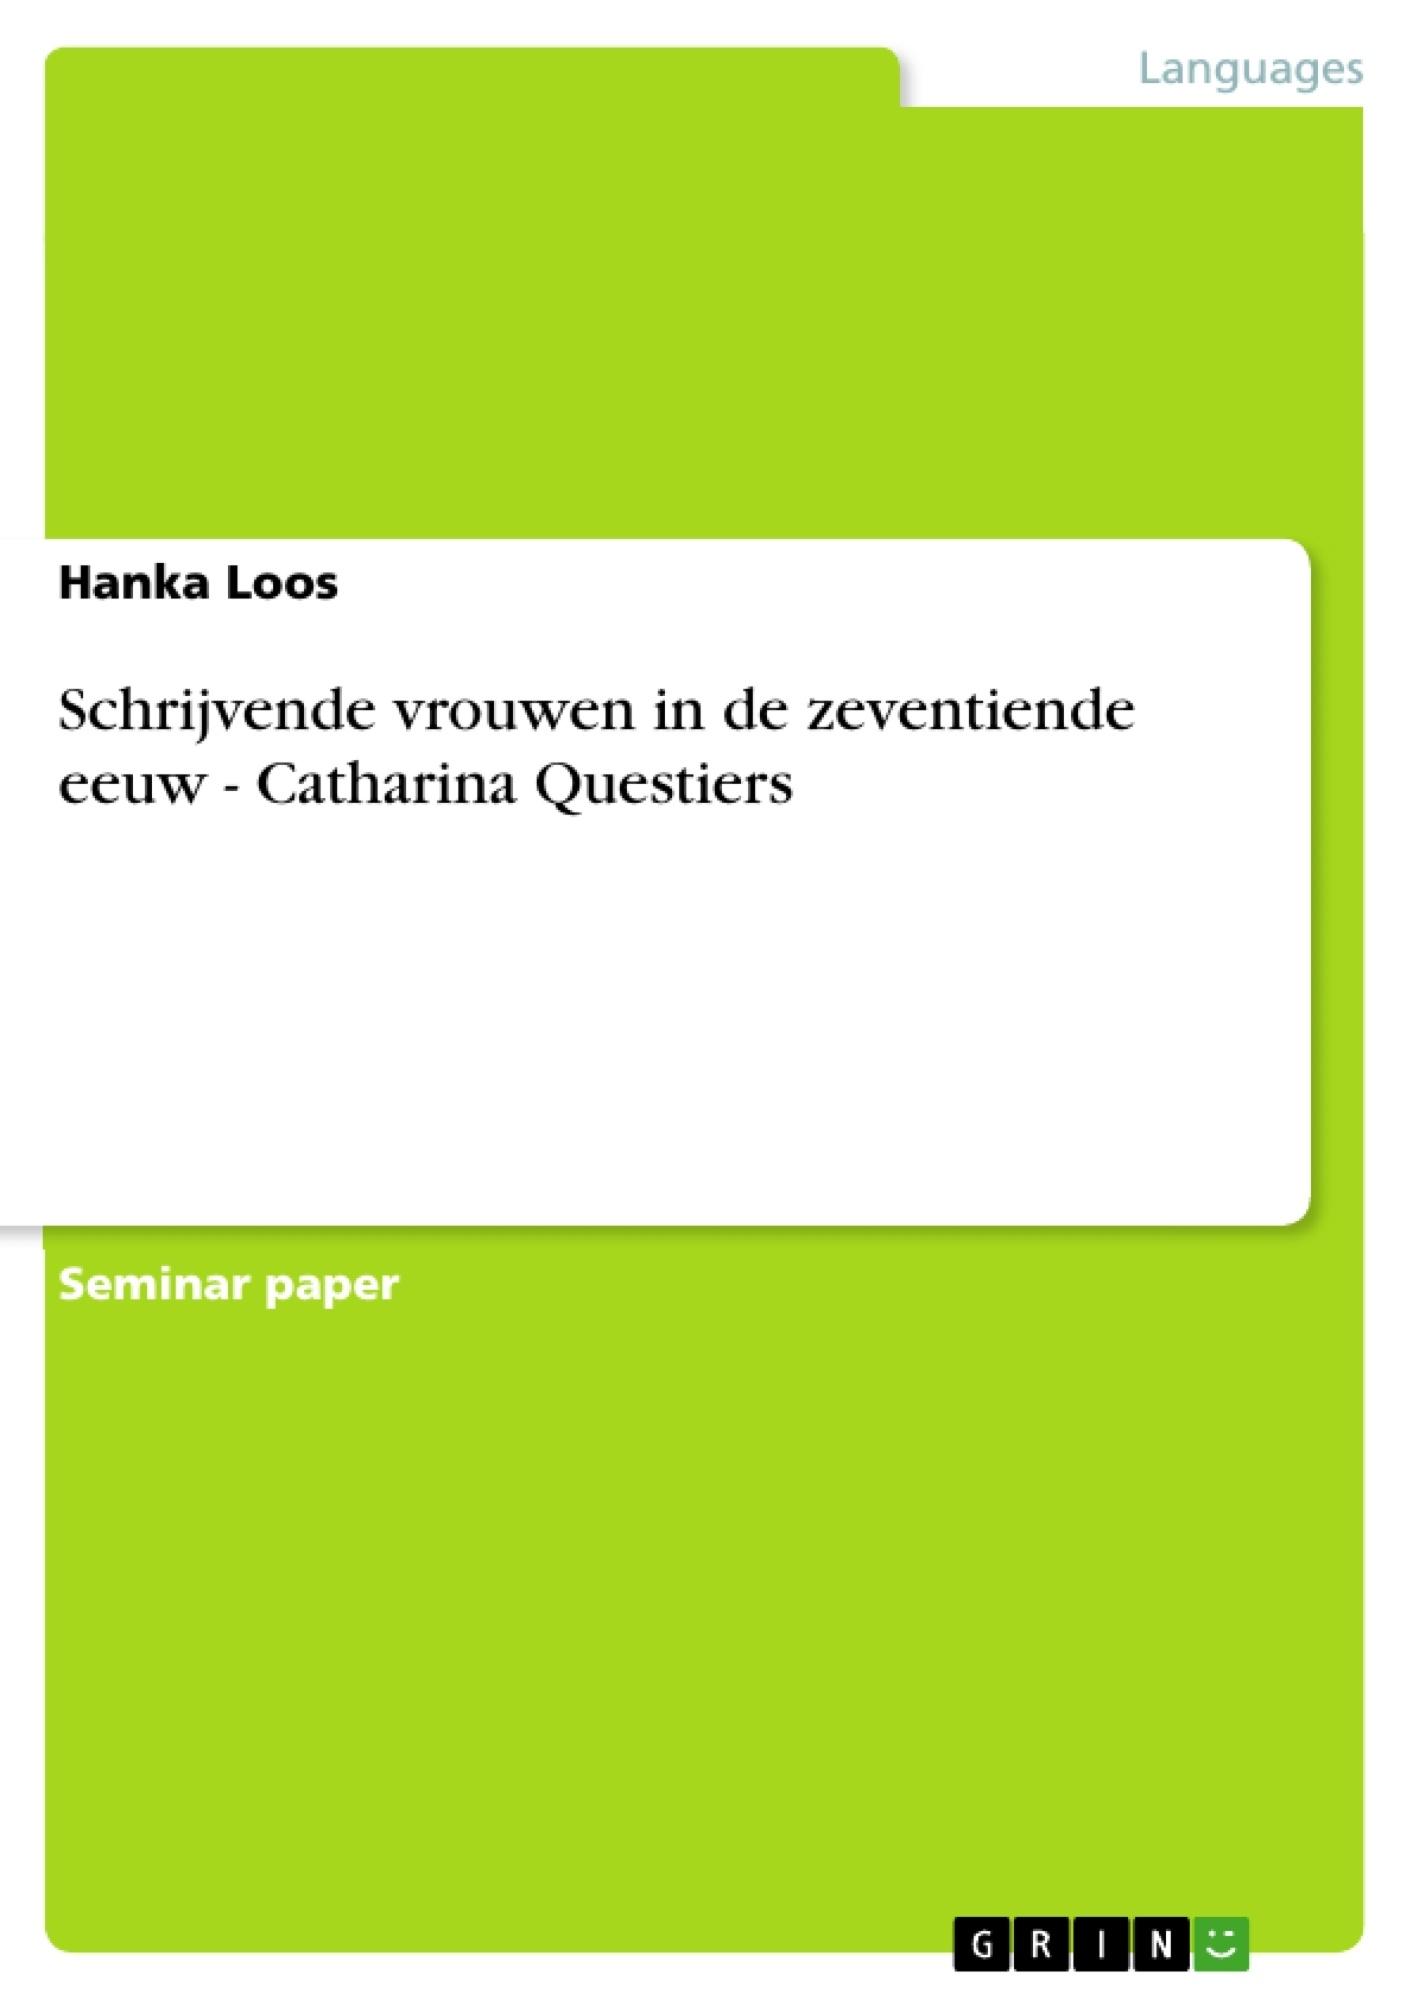 Title: Schrijvende vrouwen in de zeventiende eeuw - Catharina Questiers